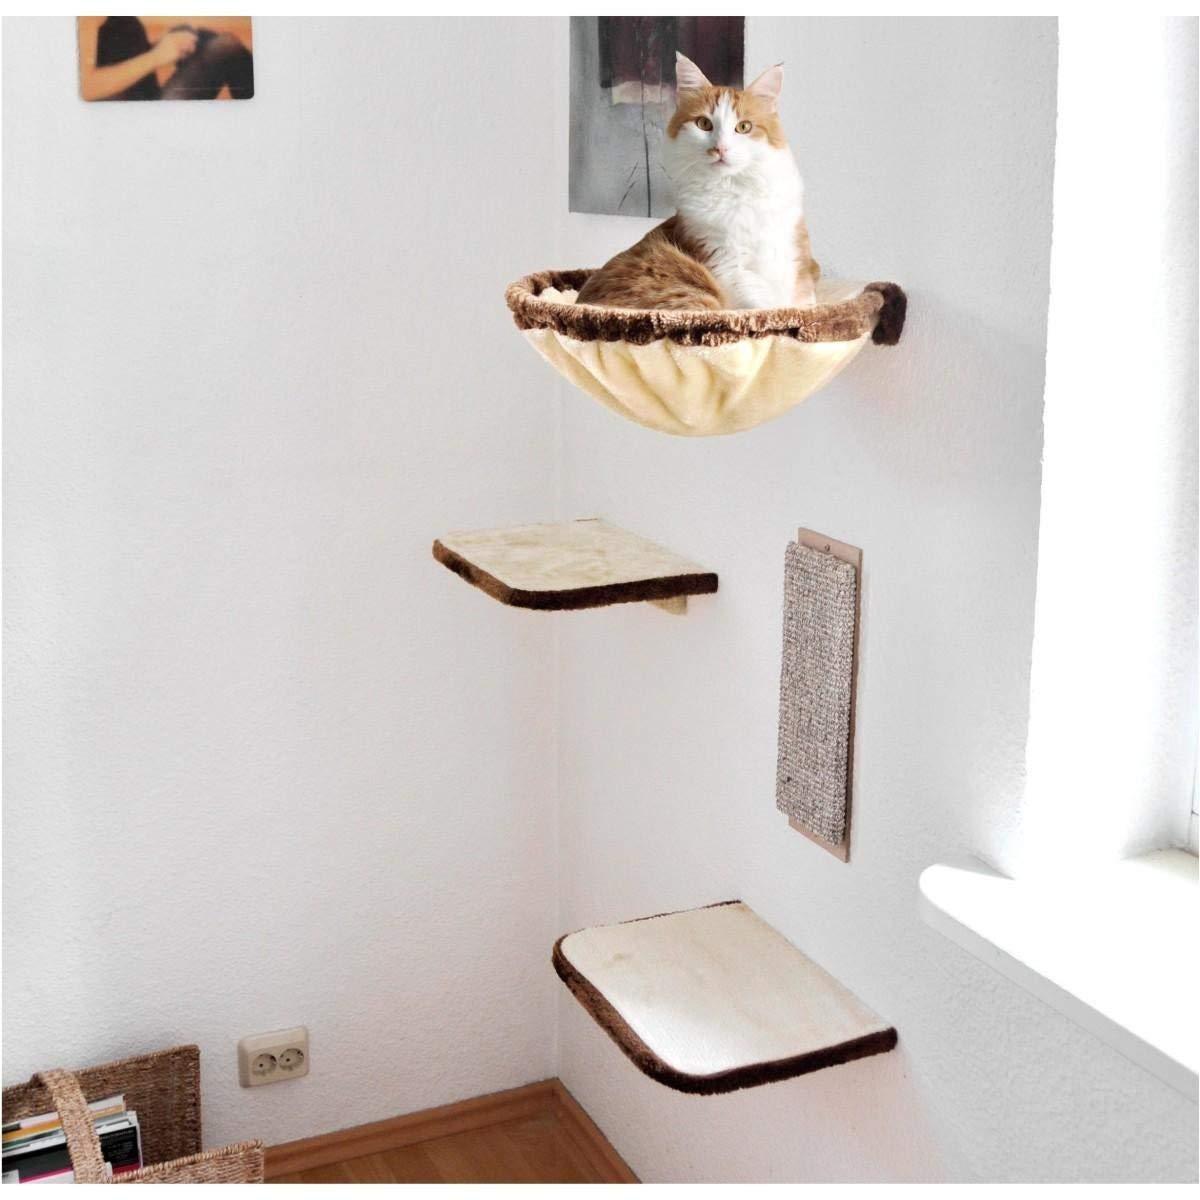 Arbre A Chat Mural Design choisir un arbre à chat mural - guide d'achat d'arbre à chat